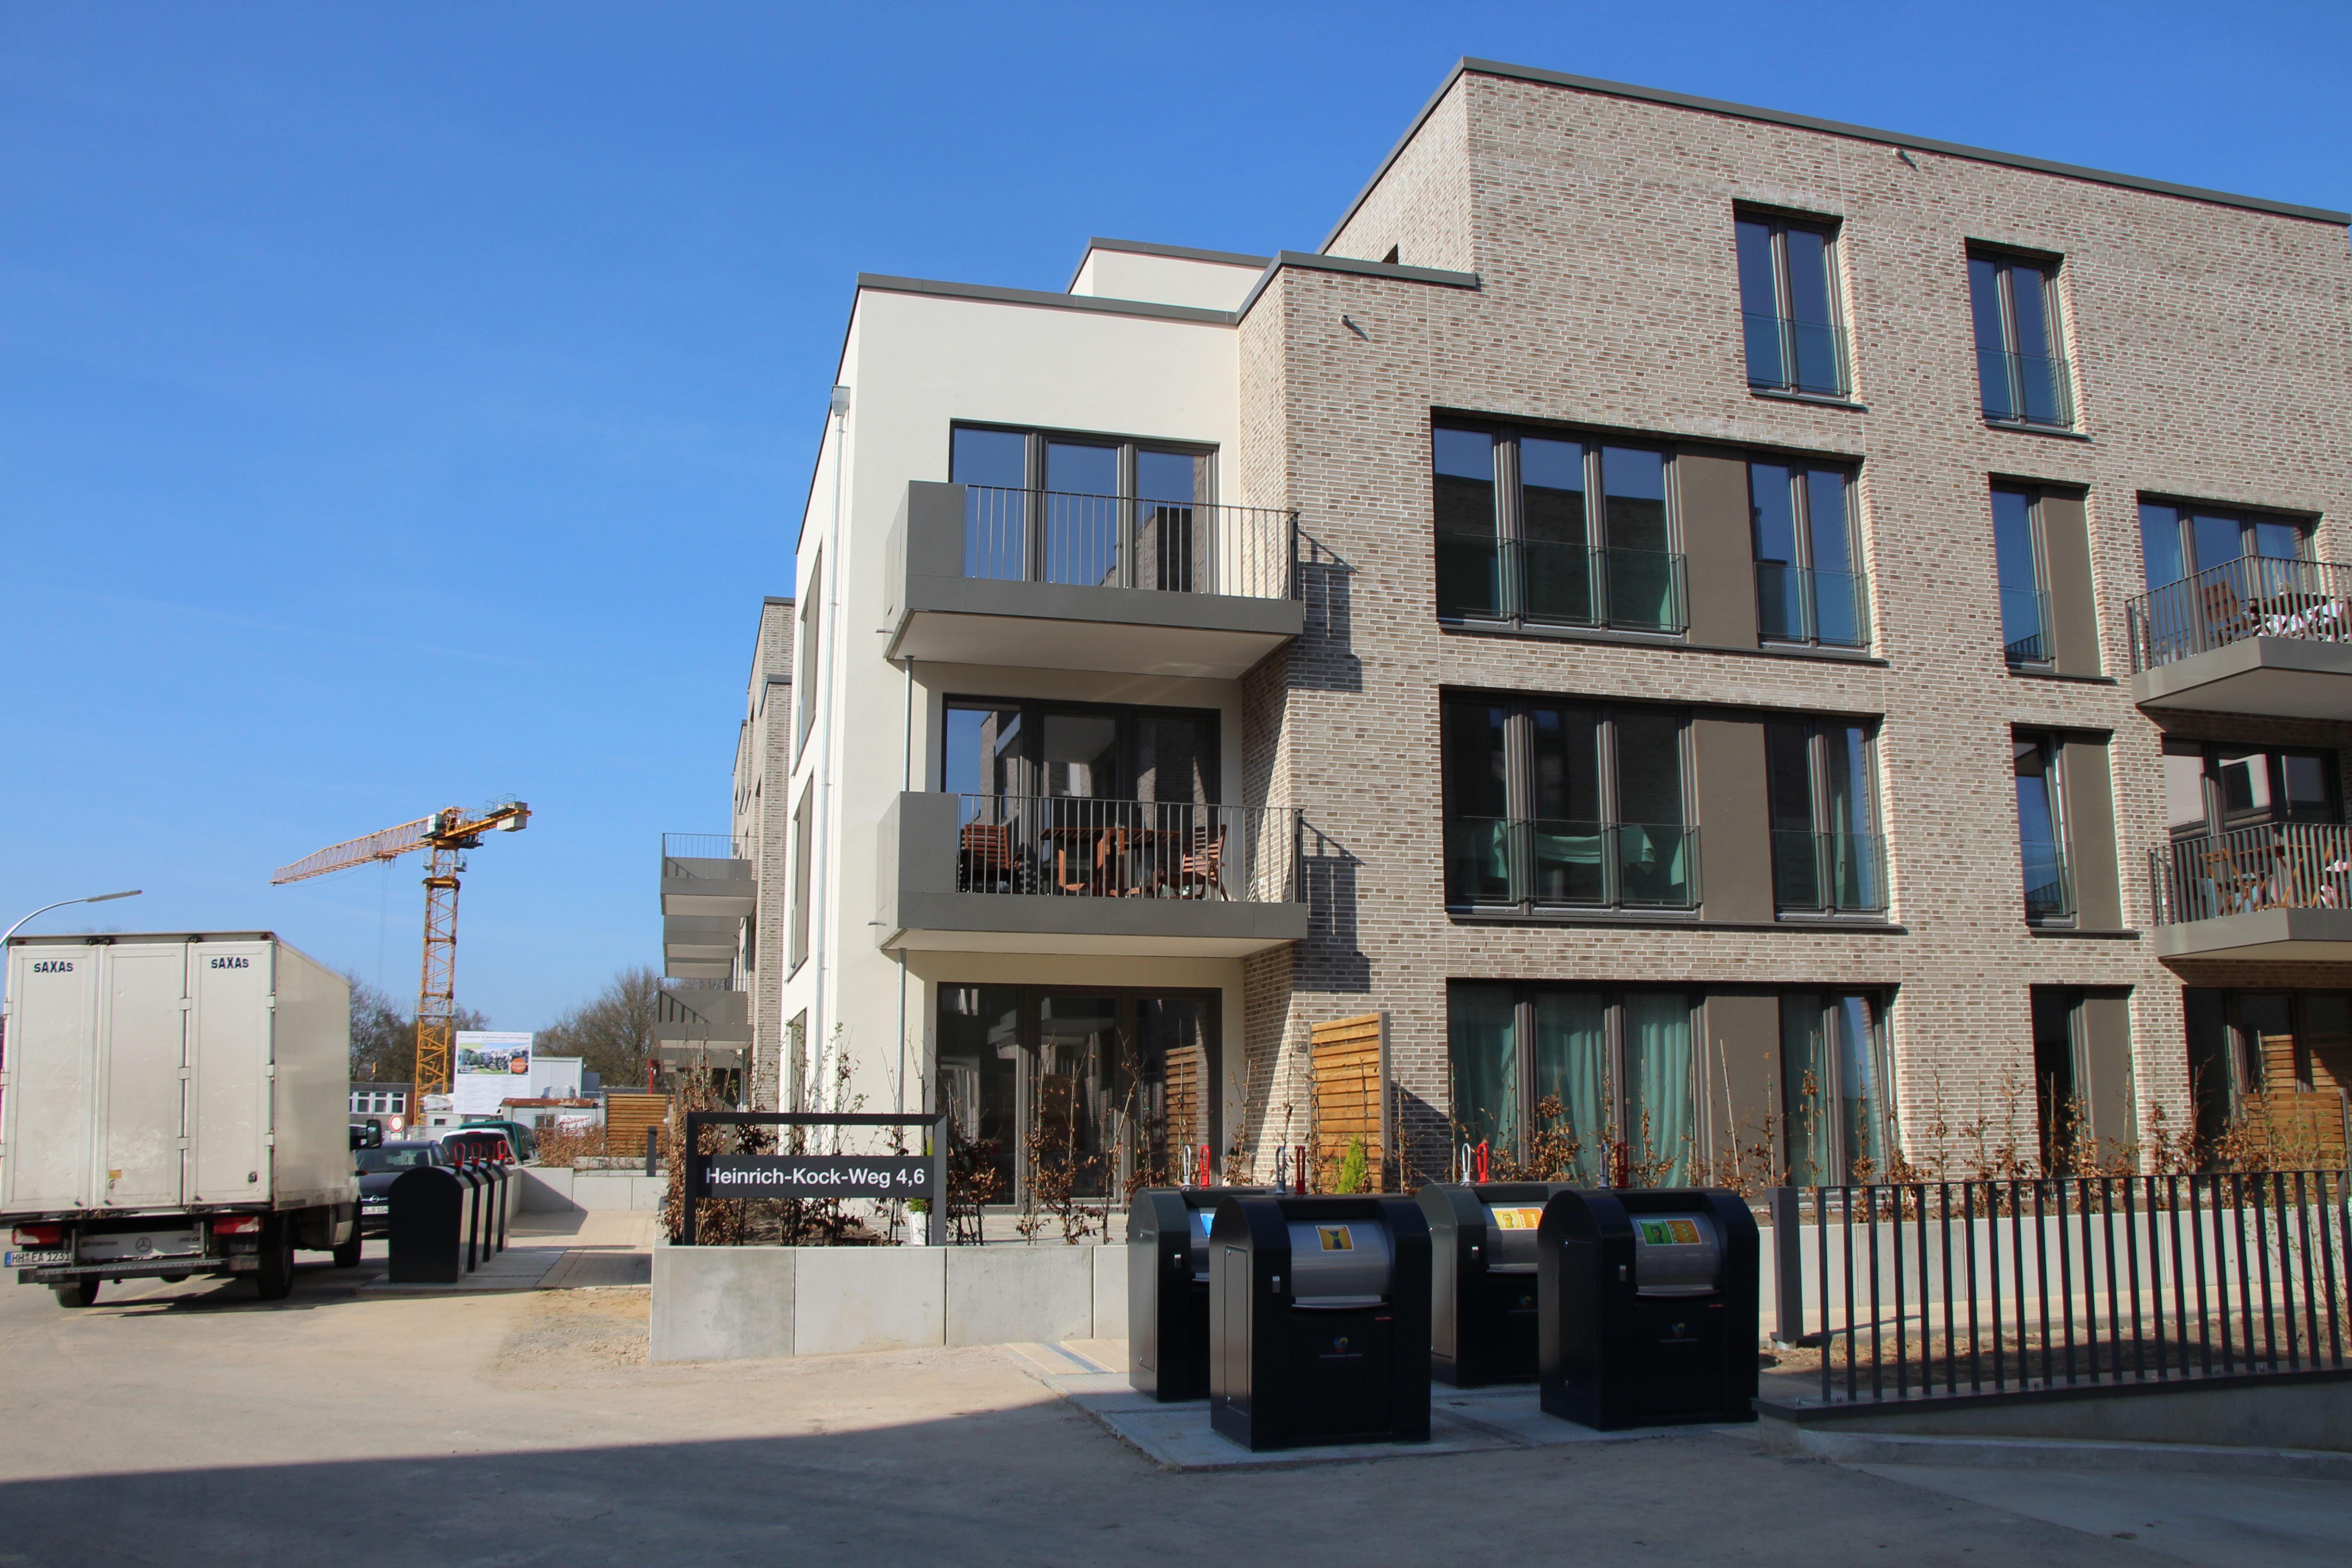 Neues Wohnquartier in Lokstedt